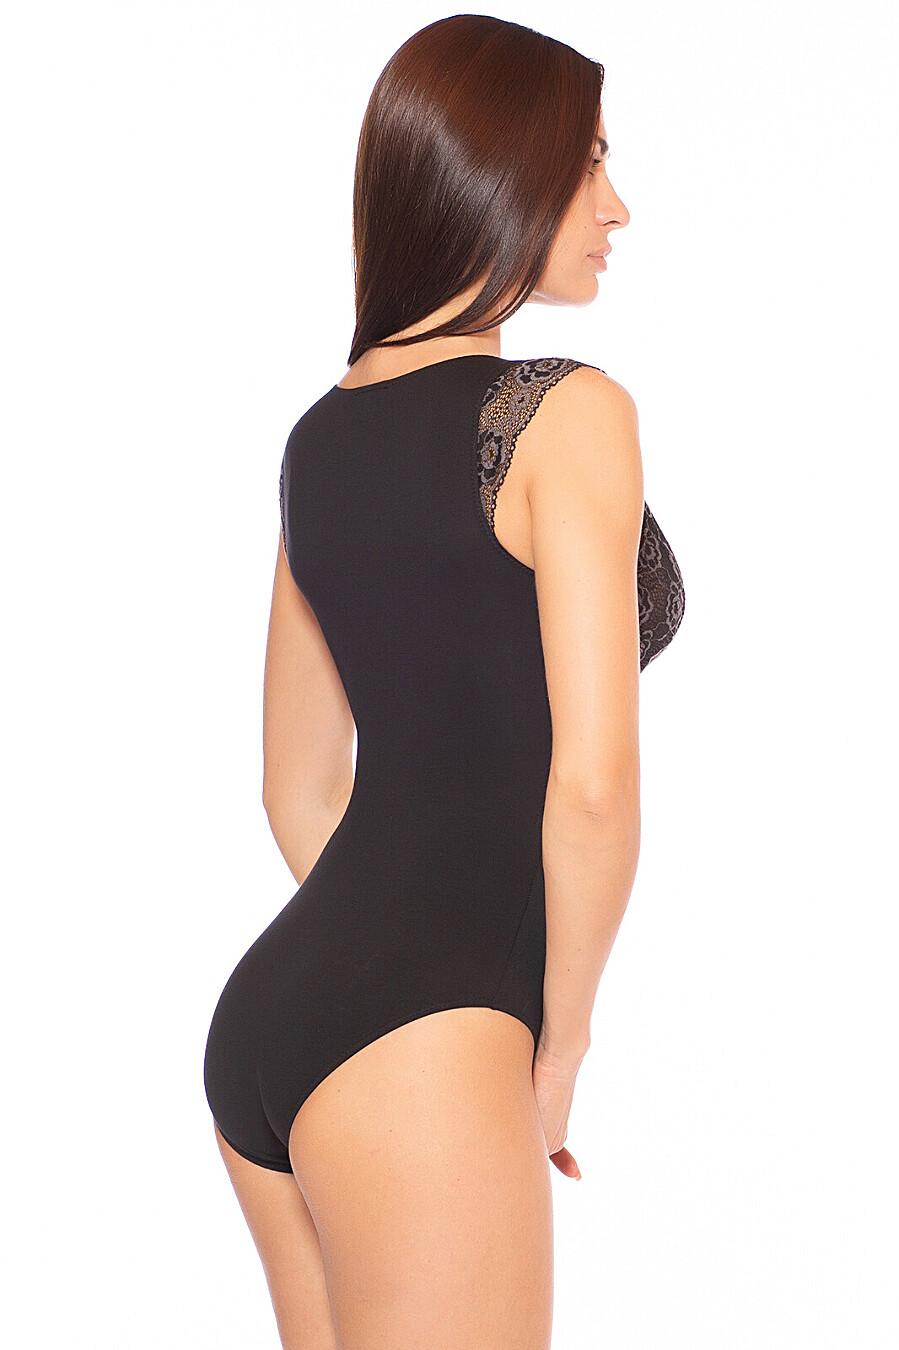 Боди для женщин JADEA 334713 купить оптом от производителя. Совместная покупка женской одежды в OptMoyo